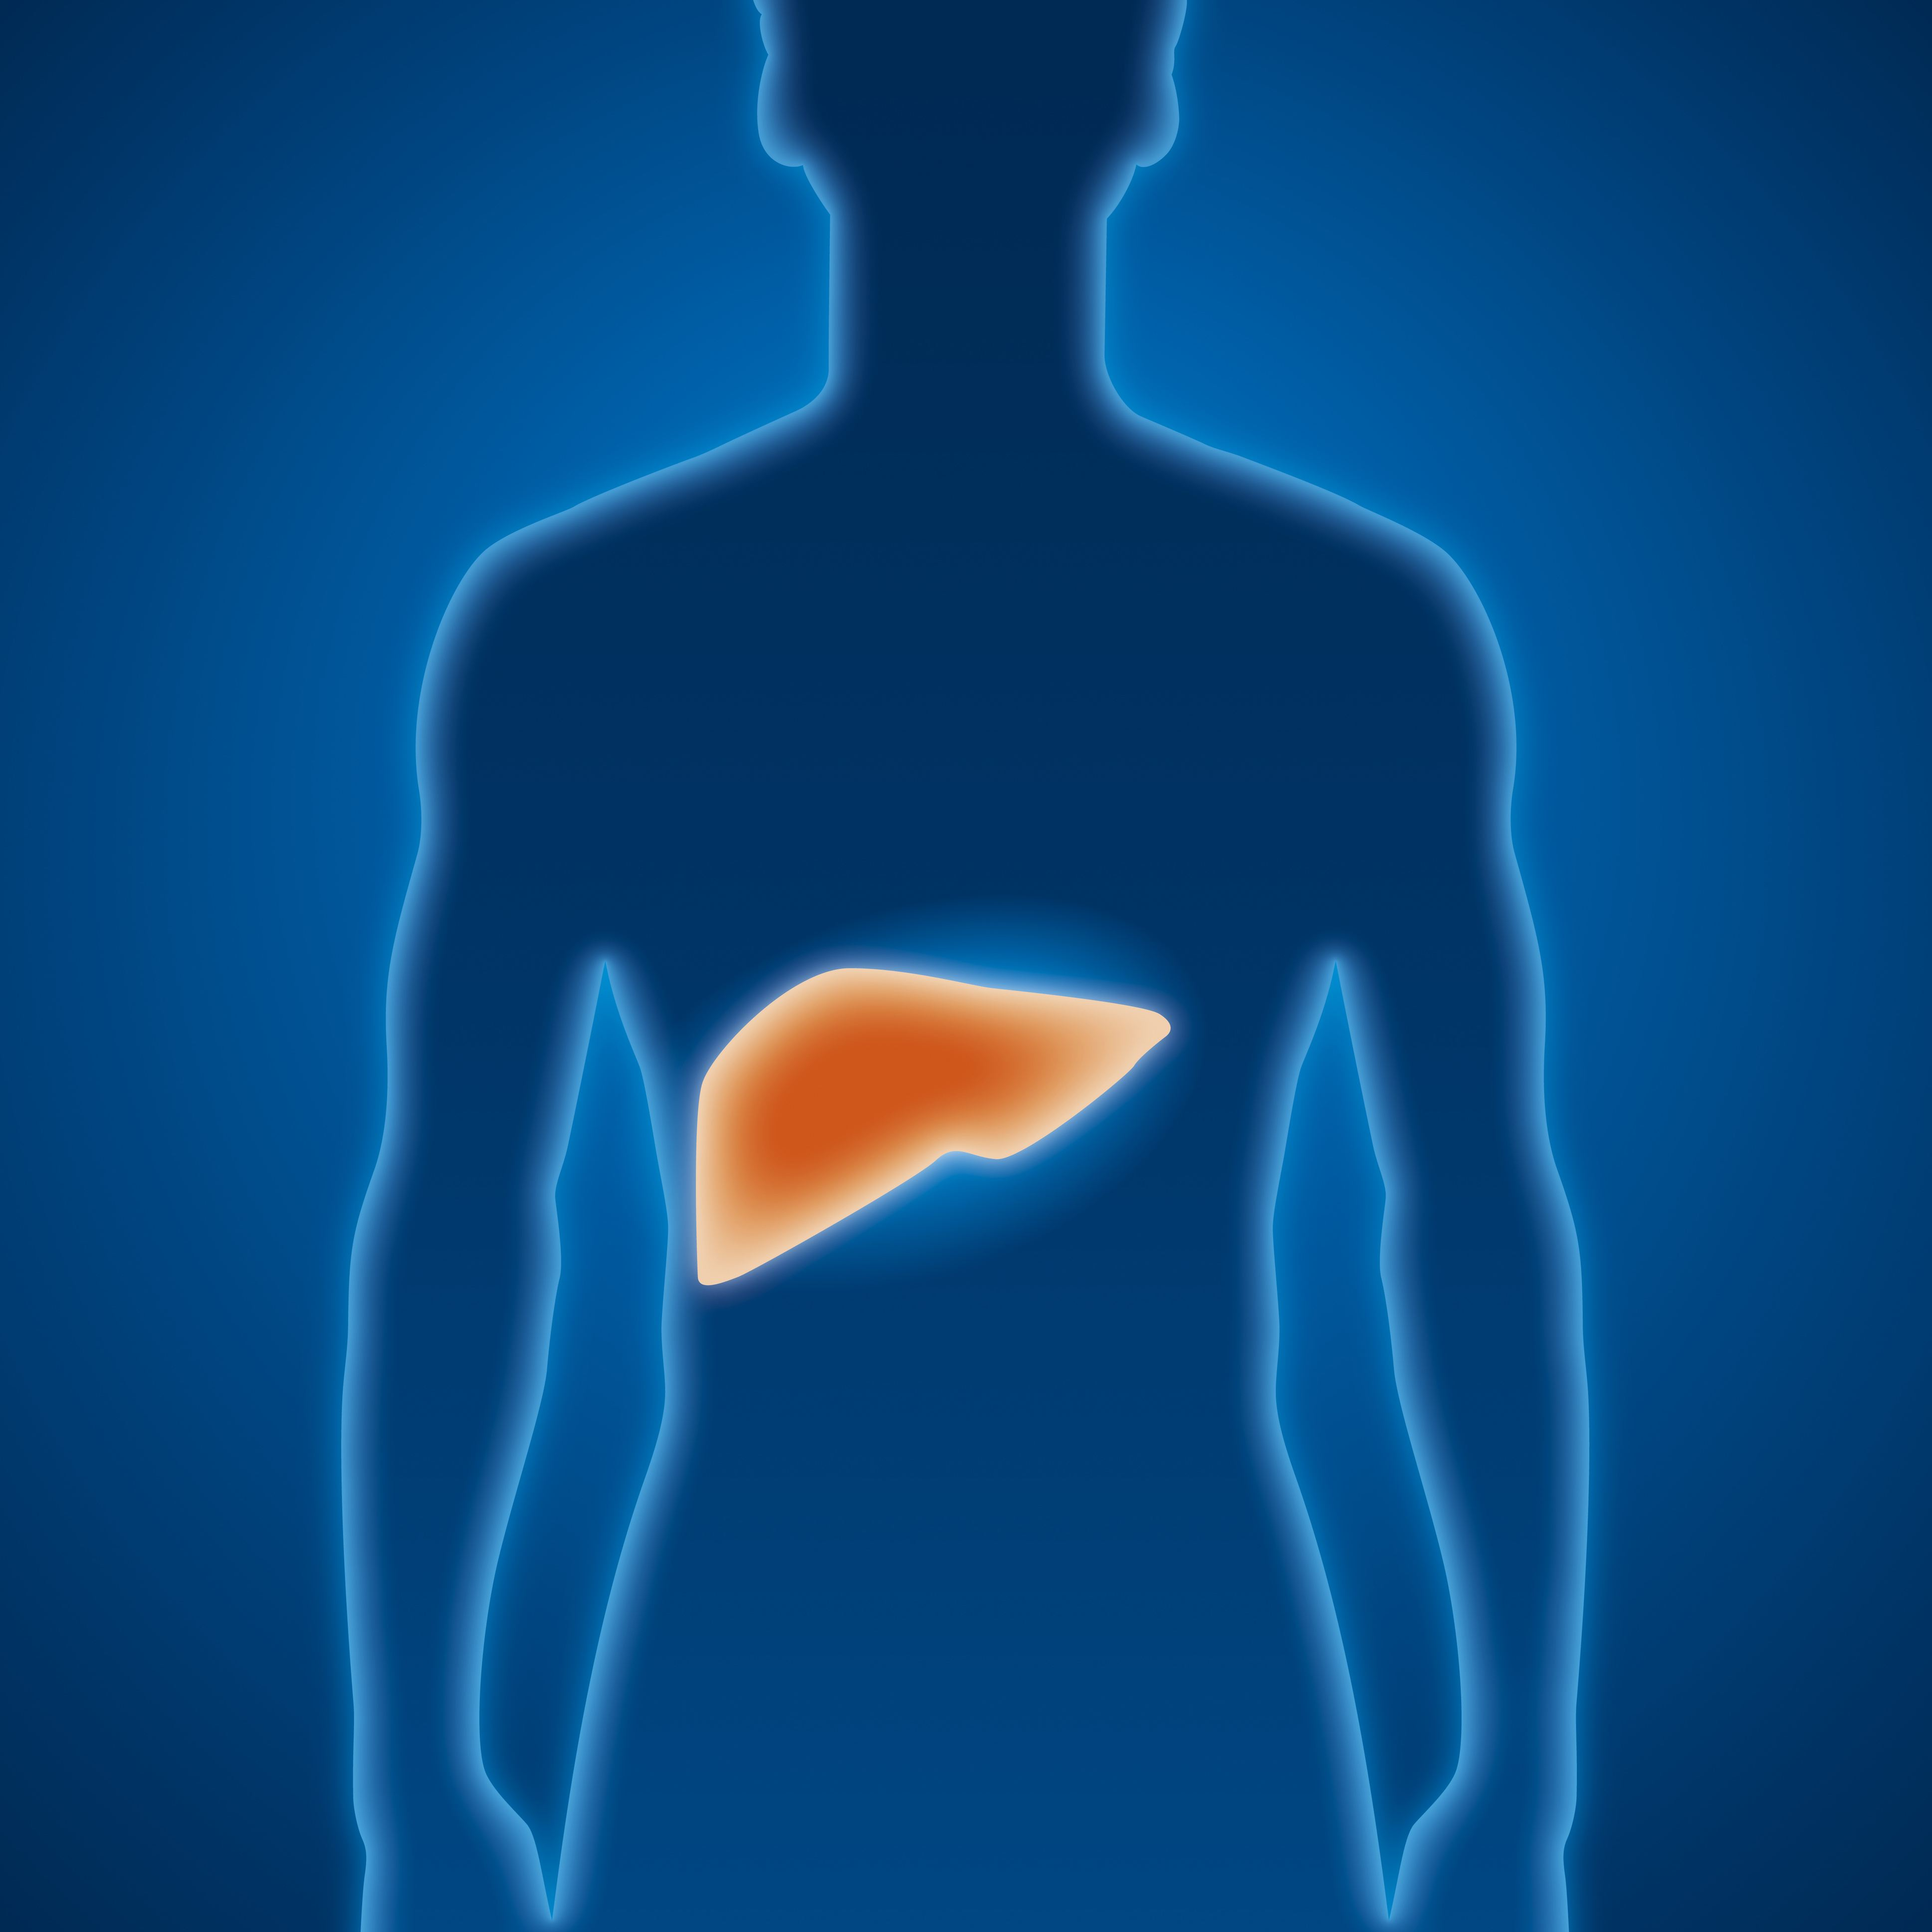 Trong giai đoạn đầu, ung thư gan thường không có triệu chứng rõ ràng. Đó là lý do tại sao những người có nguy cơ cao mắc bệnh cần phải kiểm tra tầm soát ung thư gan định kỳ hàng năm.